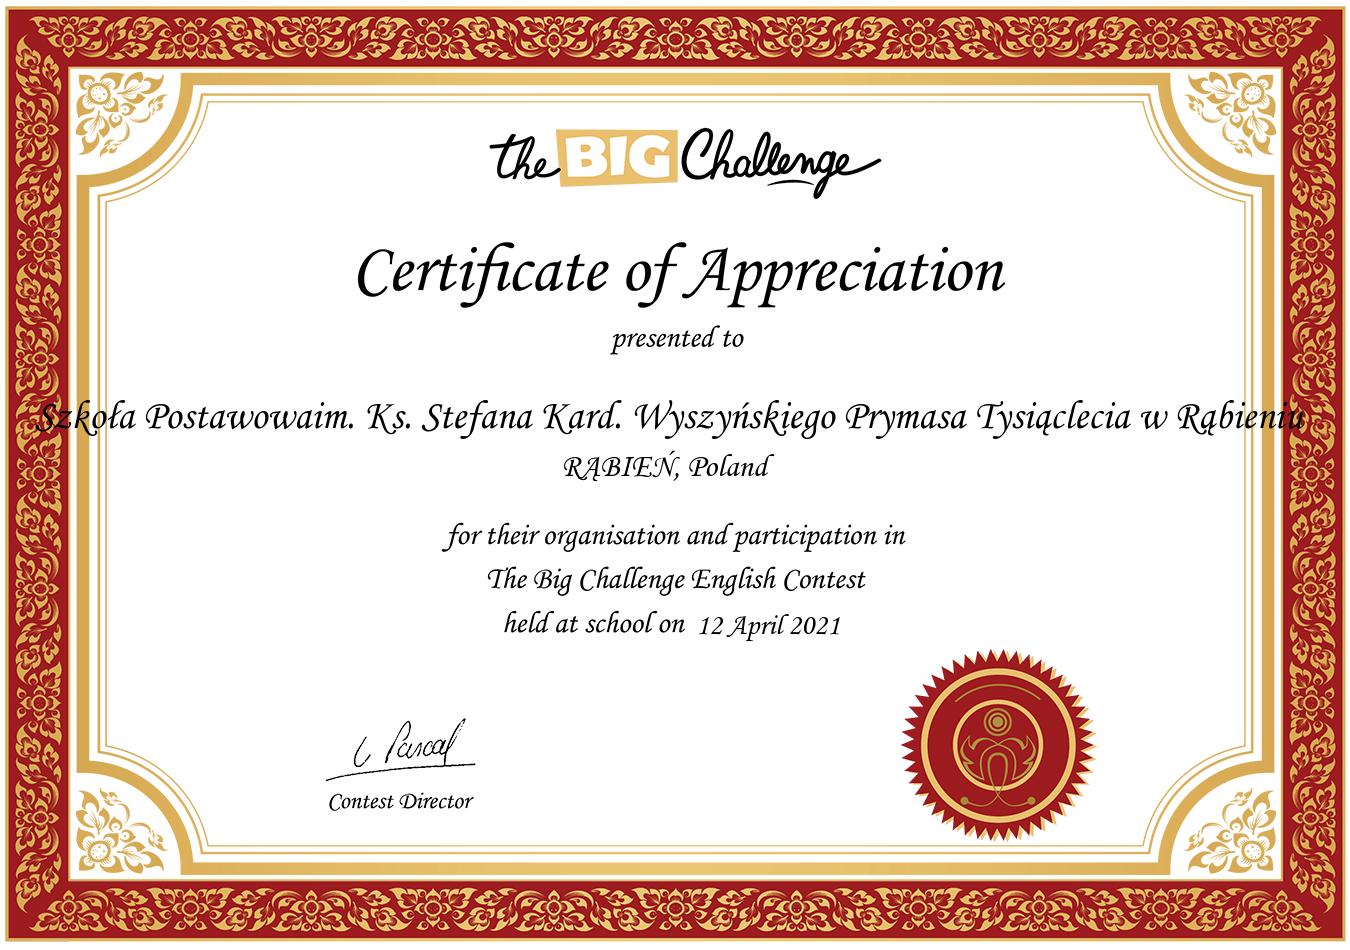 certyfikat potwierdzający udział w konkursie